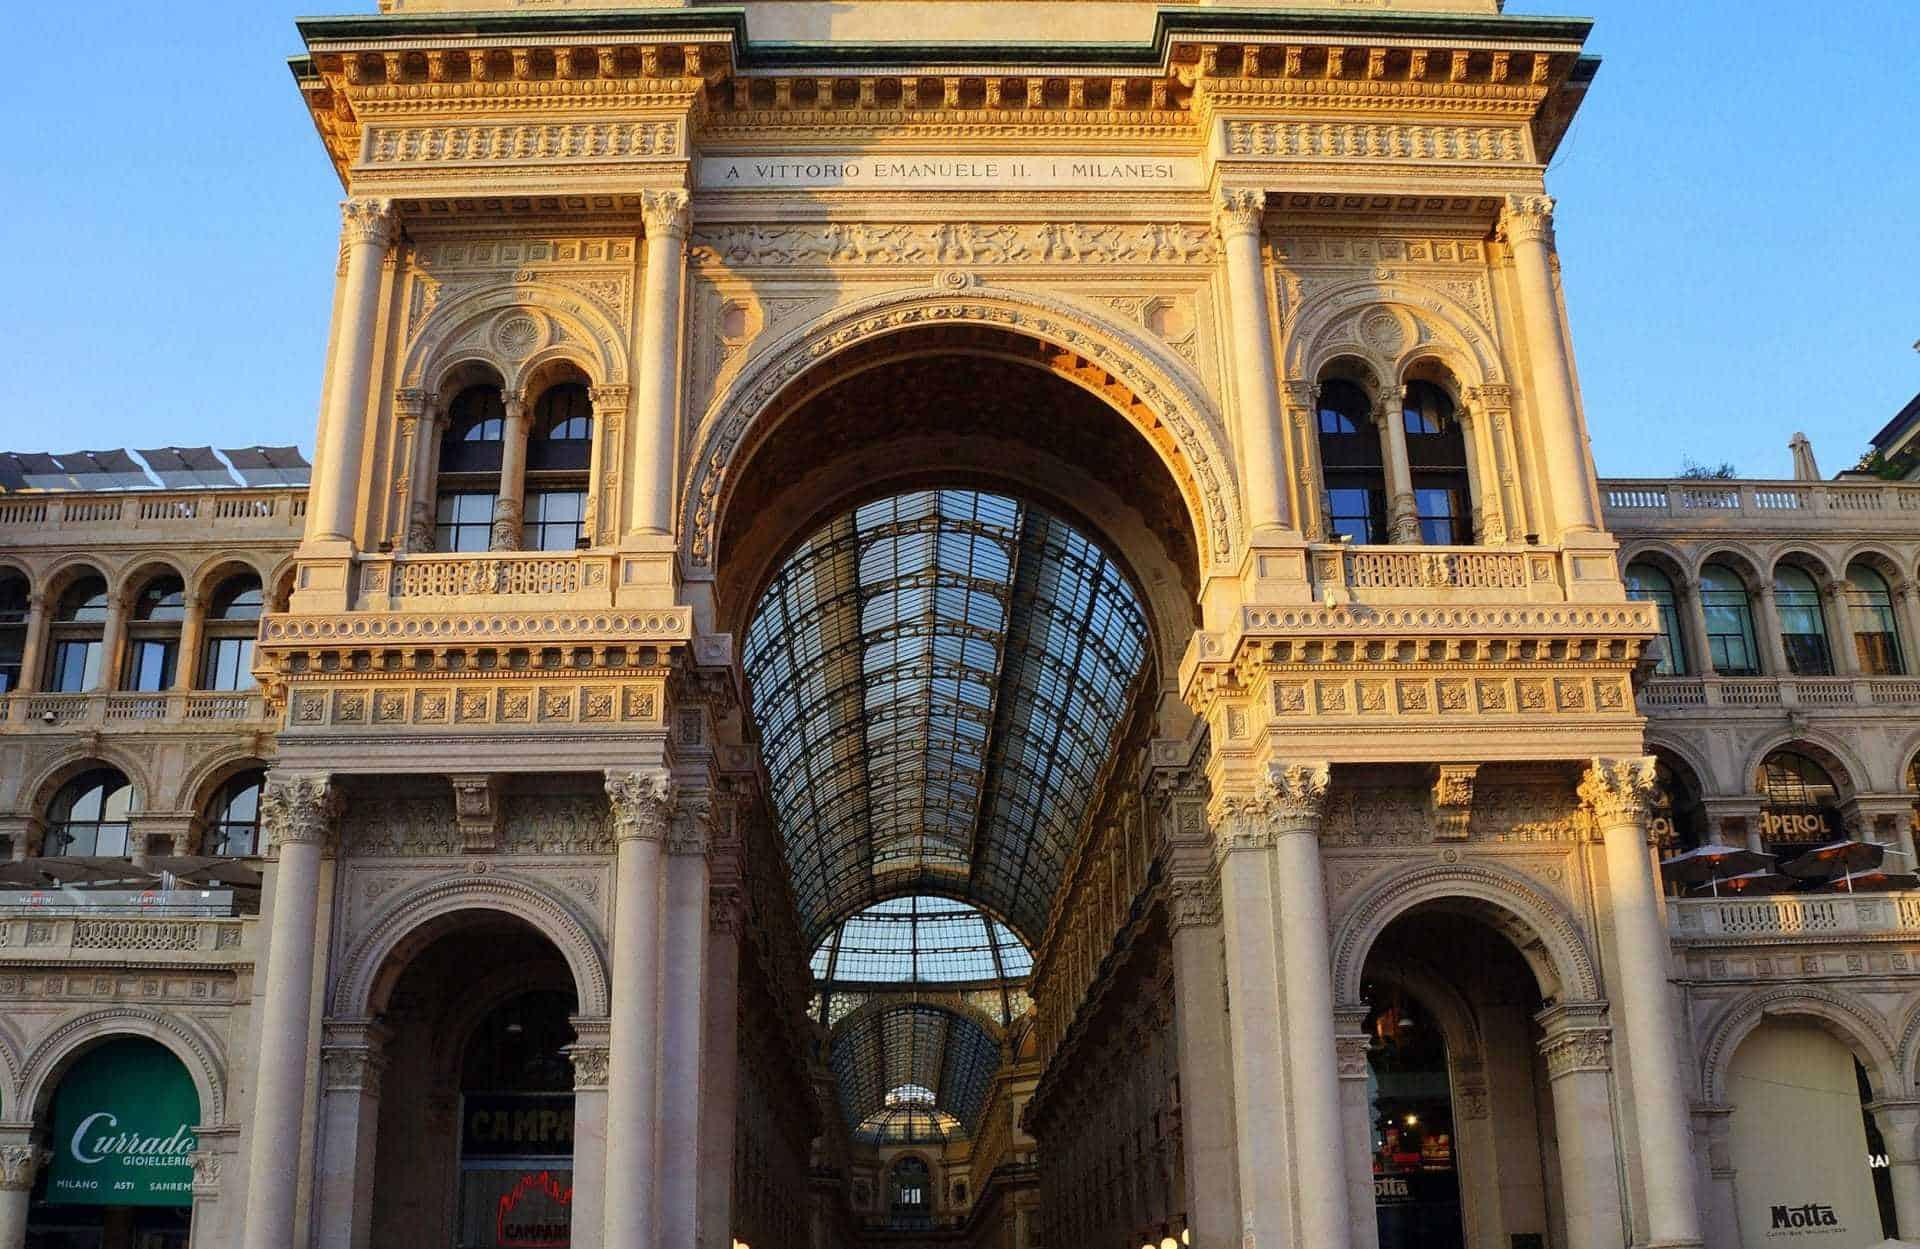 5 cose da vedere a milano in un giorno itinerario a piedi for Torino da vedere in un giorno